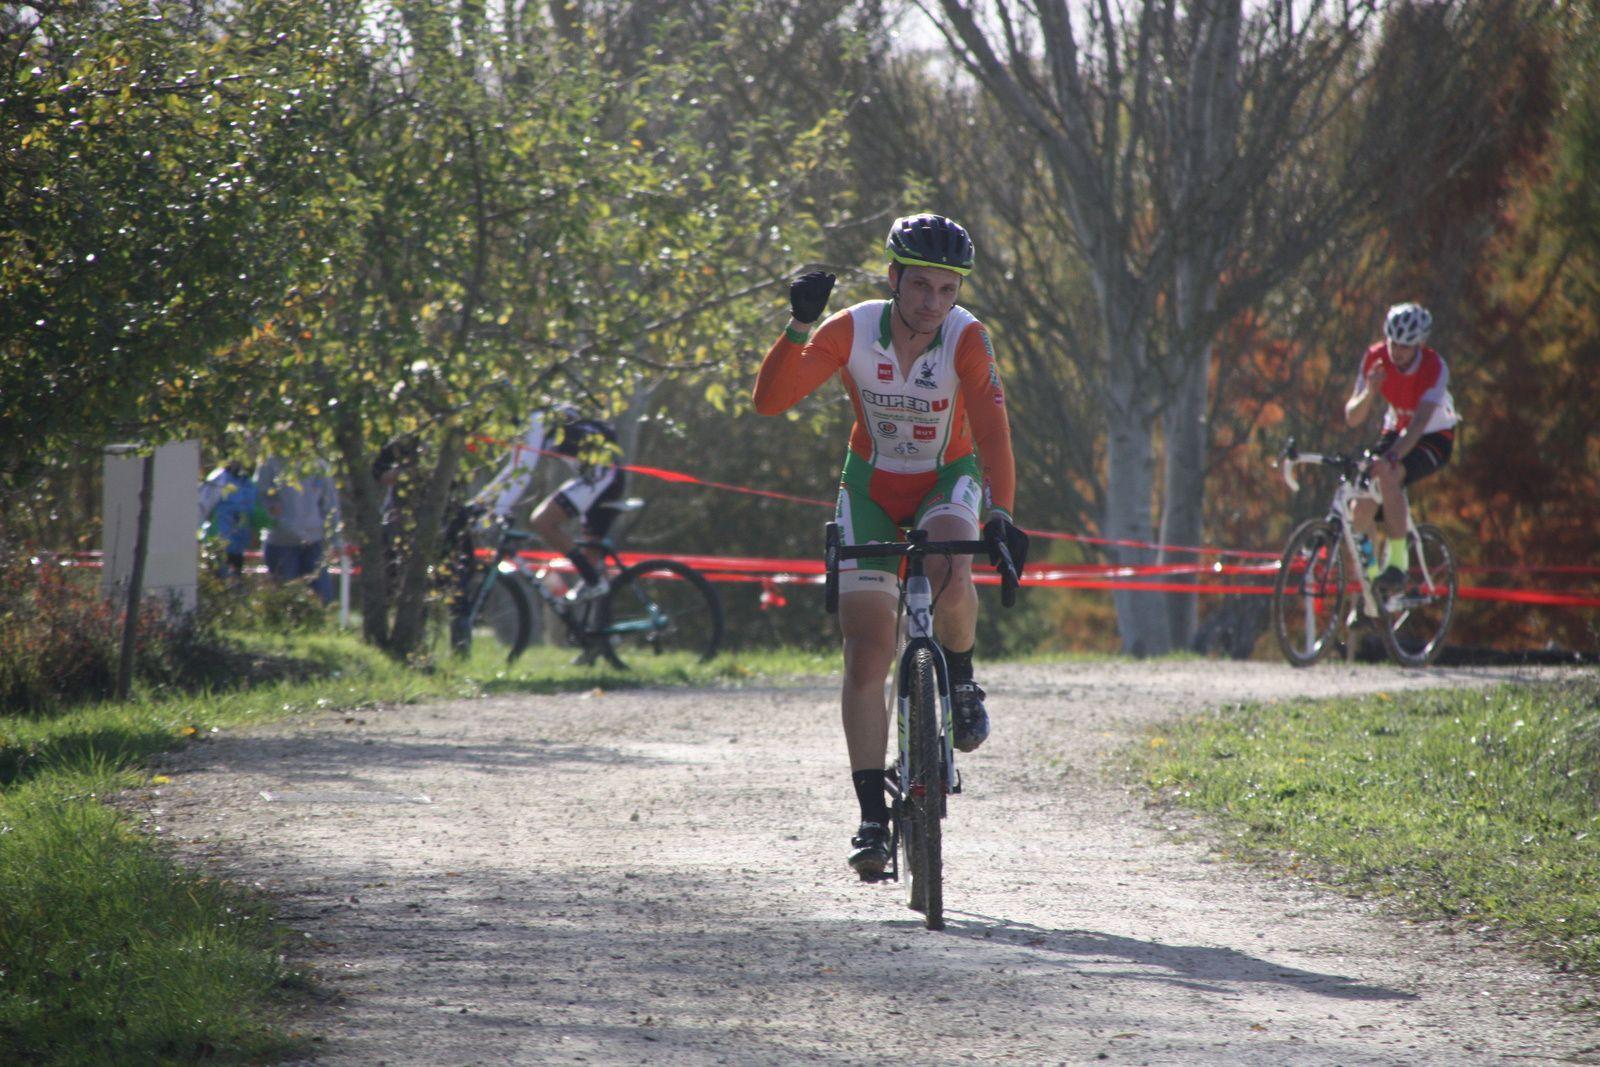 L'arrivée et  la victoire  pour  Nicolas BONNIN(NL)